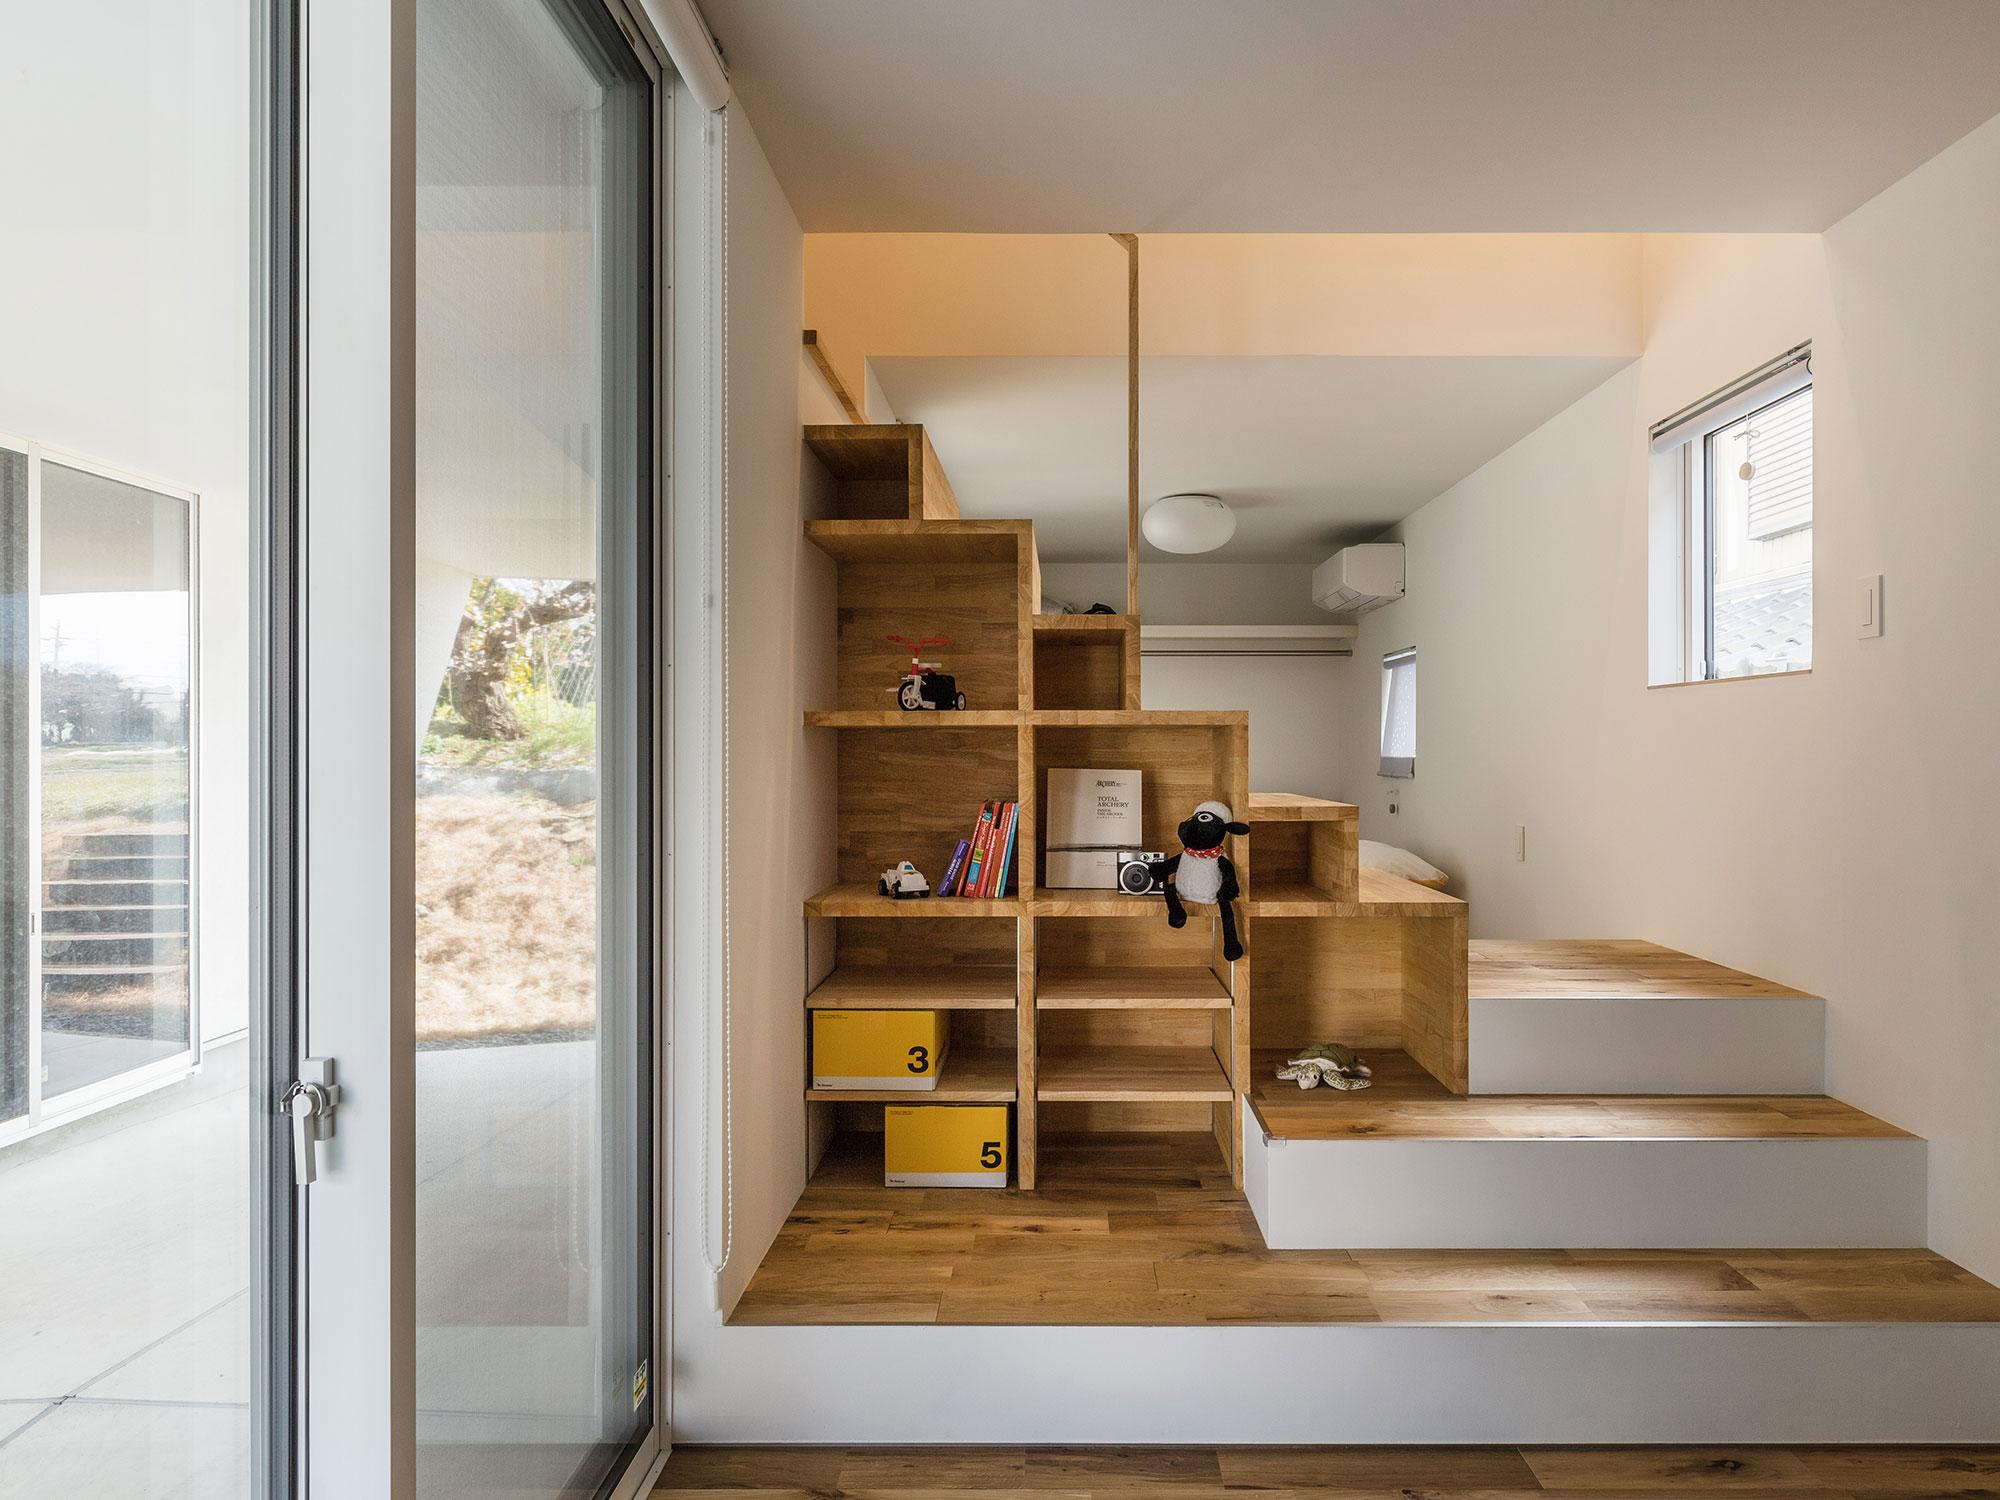 ツミキの家11|愛知県みよし市|Natureスペース施工事例